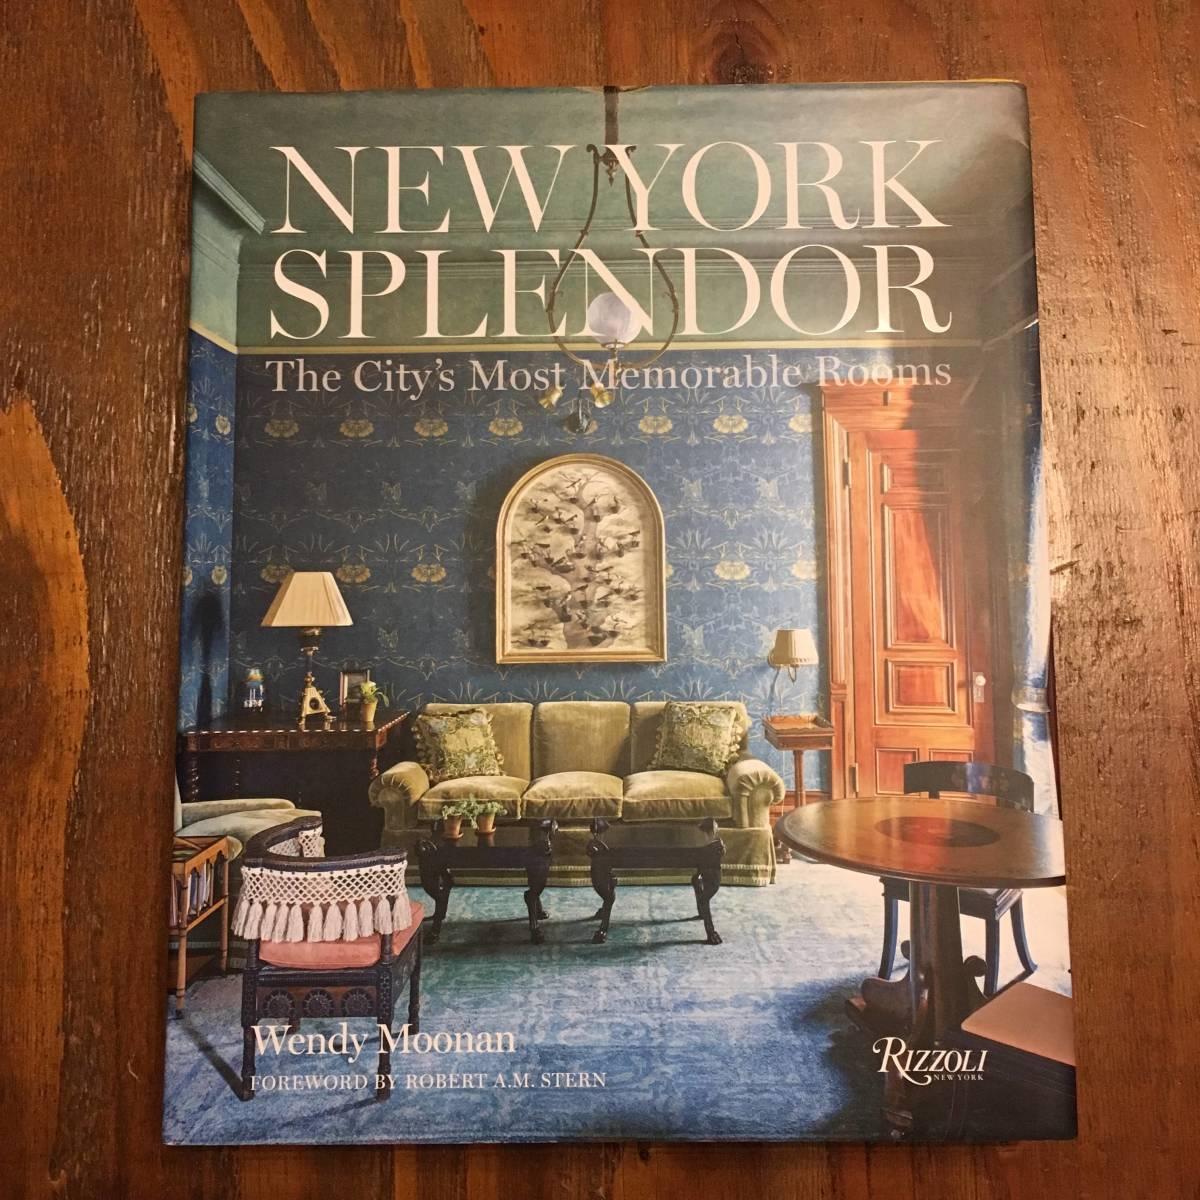 2018年 New York Splendor The City's Most Memorable Rooms Wendy Moonan Robert A.M Stern Rizzoli ニューヨーク luxury 部屋 デザイン_画像1